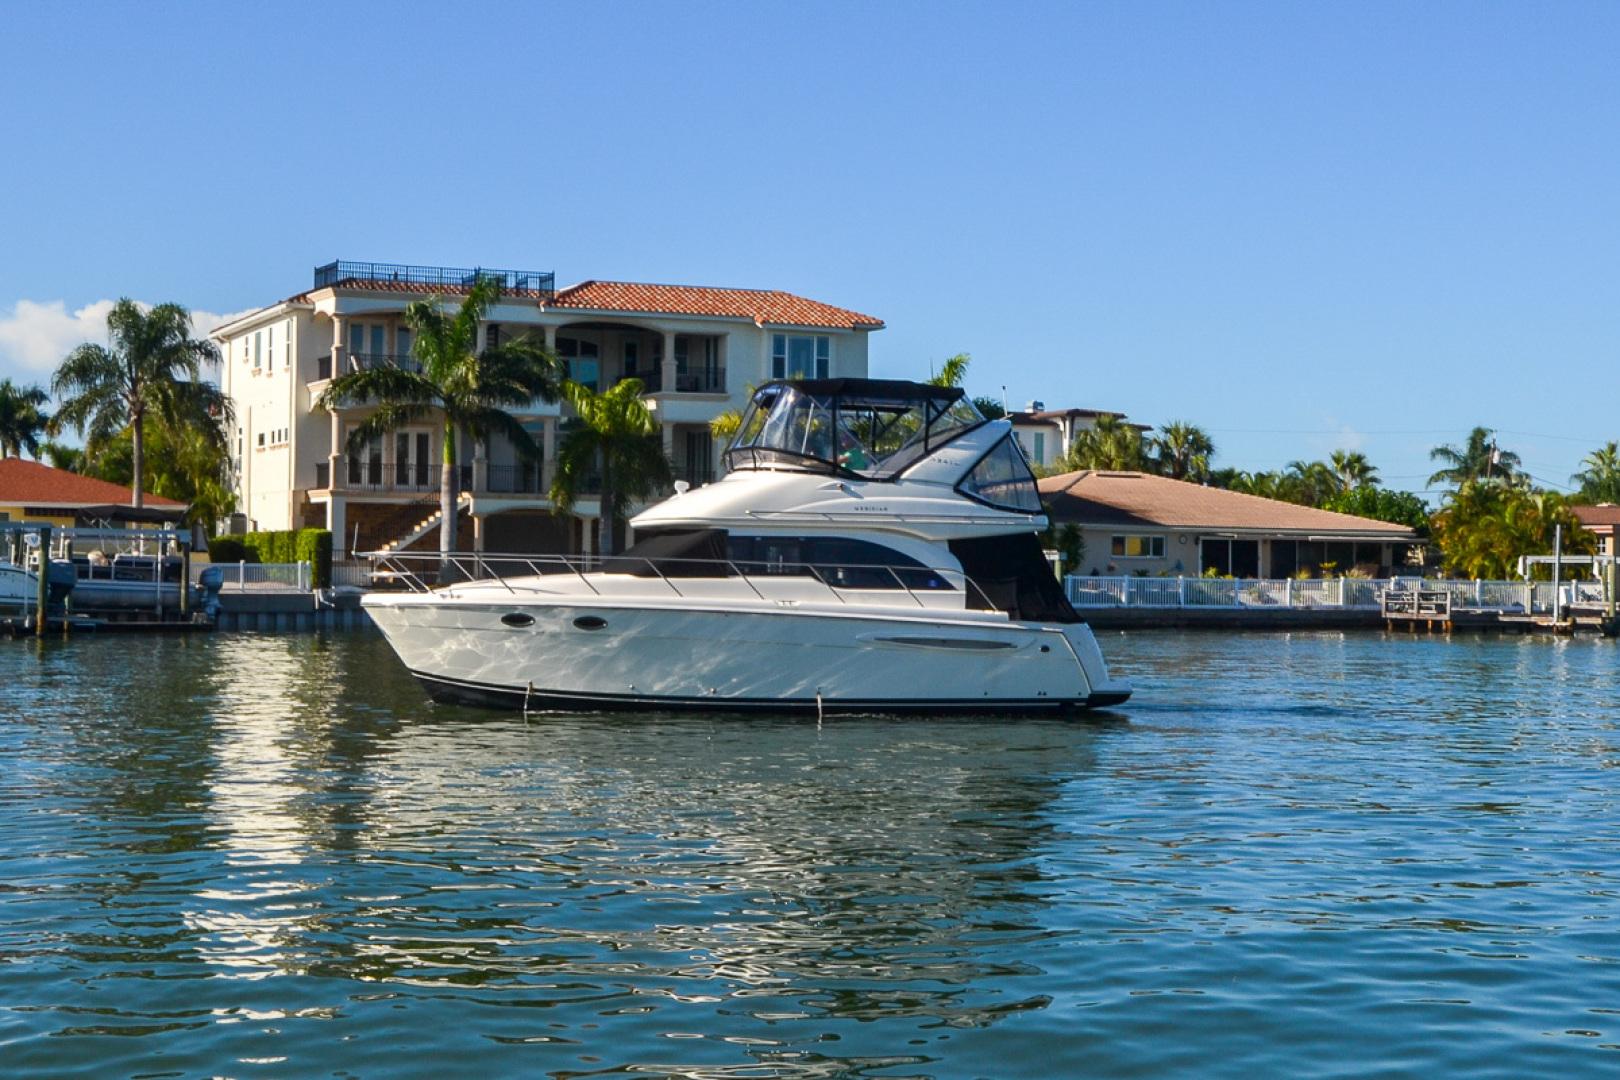 Meridian-341 Sedan 2004-Sea Harmony Belleair Beach-Florida-United States-1496594 | Thumbnail